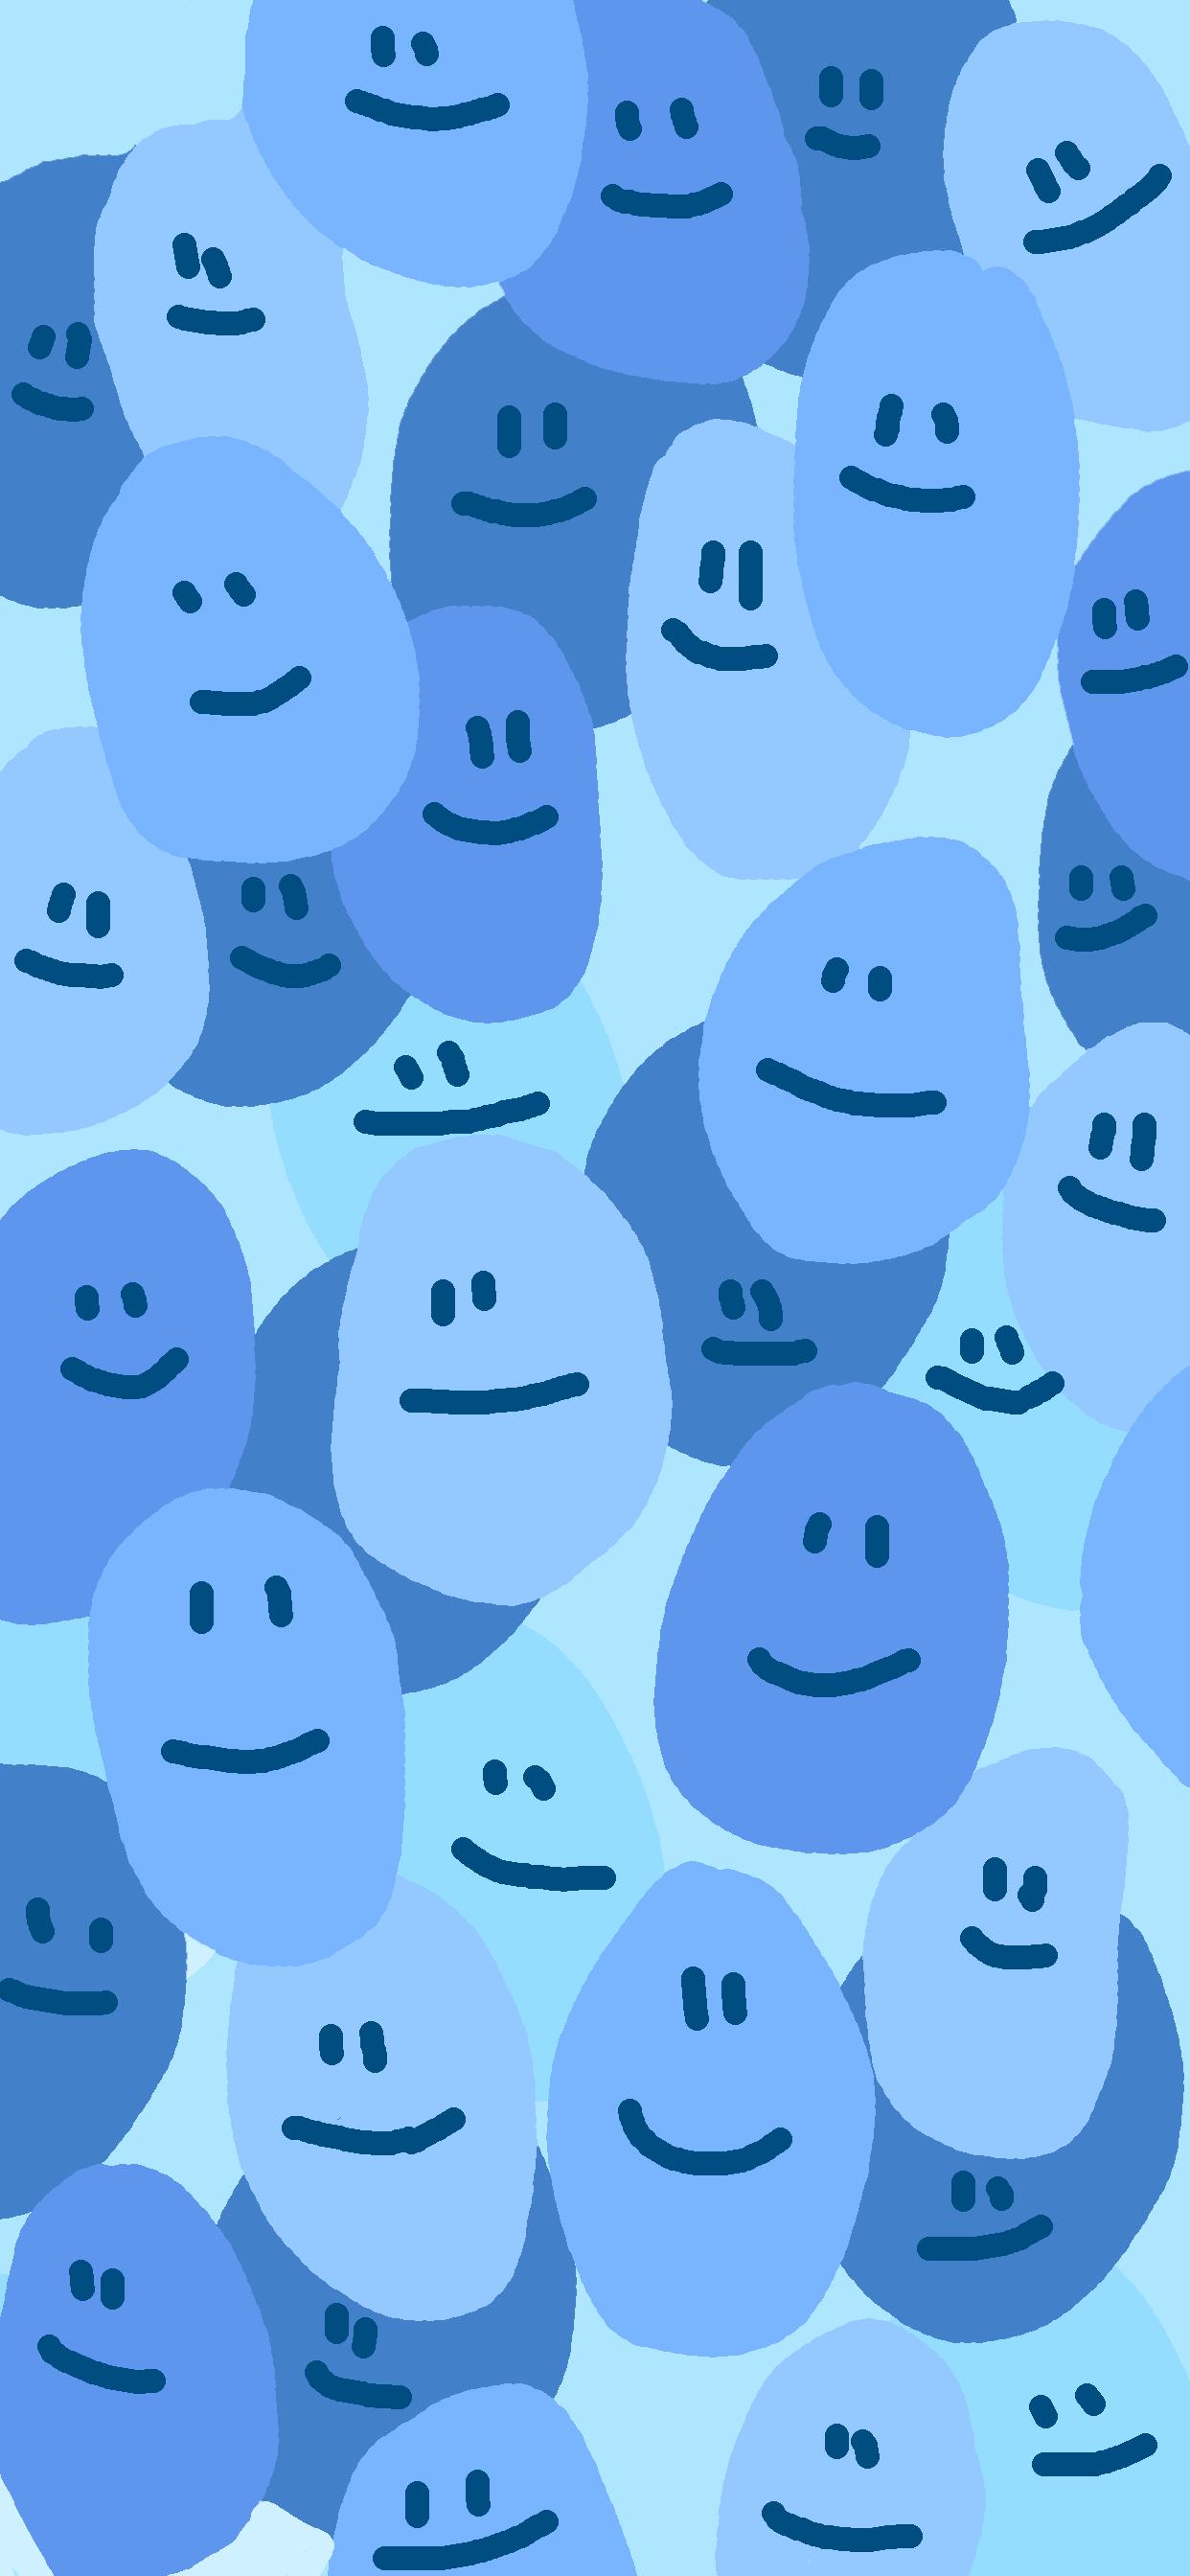 Blue Smiley Face Wallpaper